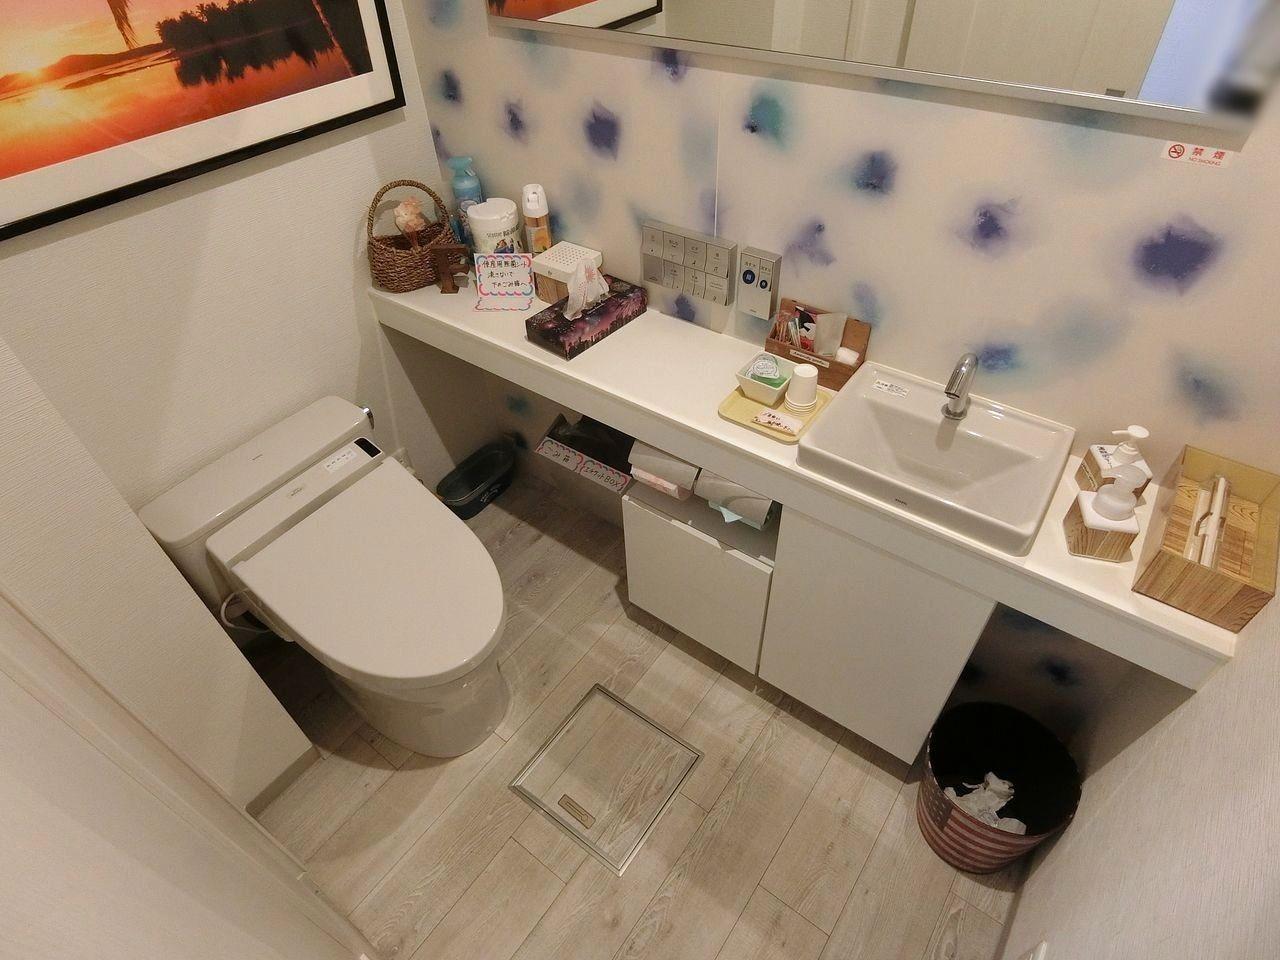 板橋本町のカフェ f( エフ)のトイレ